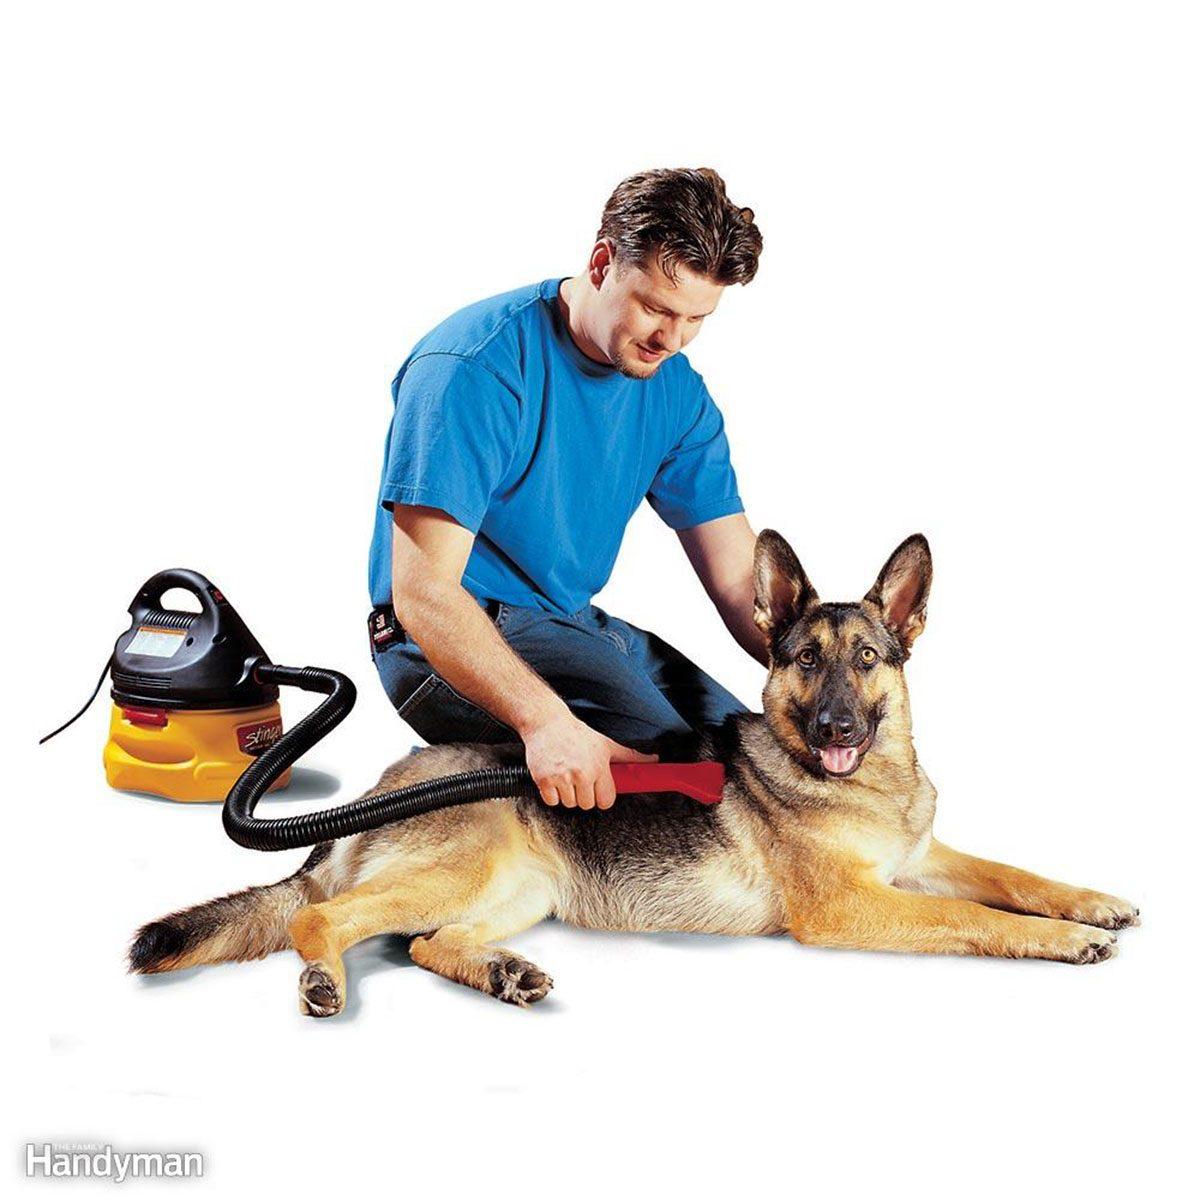 Man vacuuming german shepard's fur